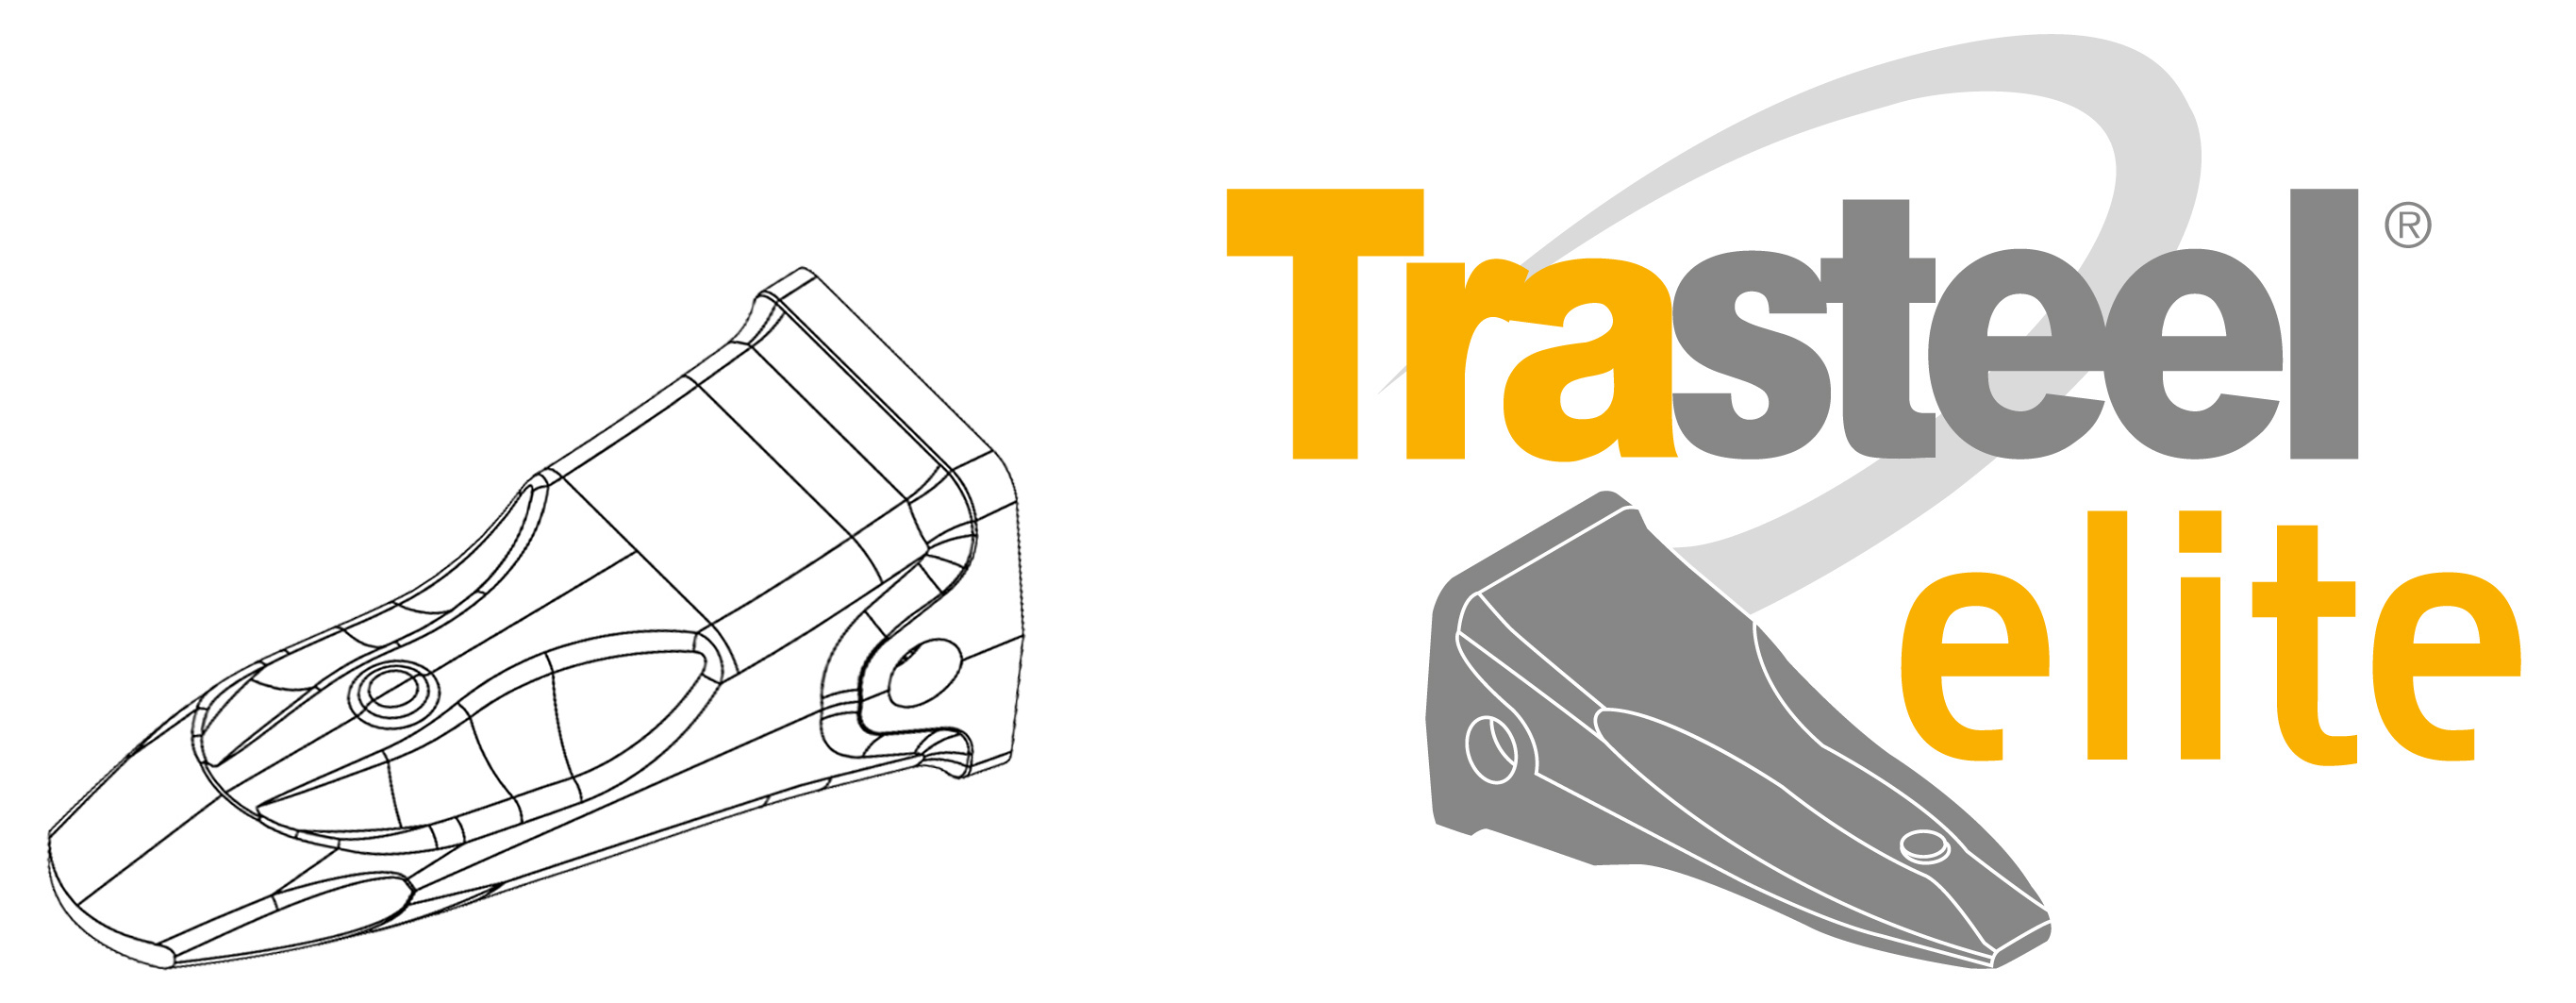 Logo-trasteel-elite-imagen.jpg